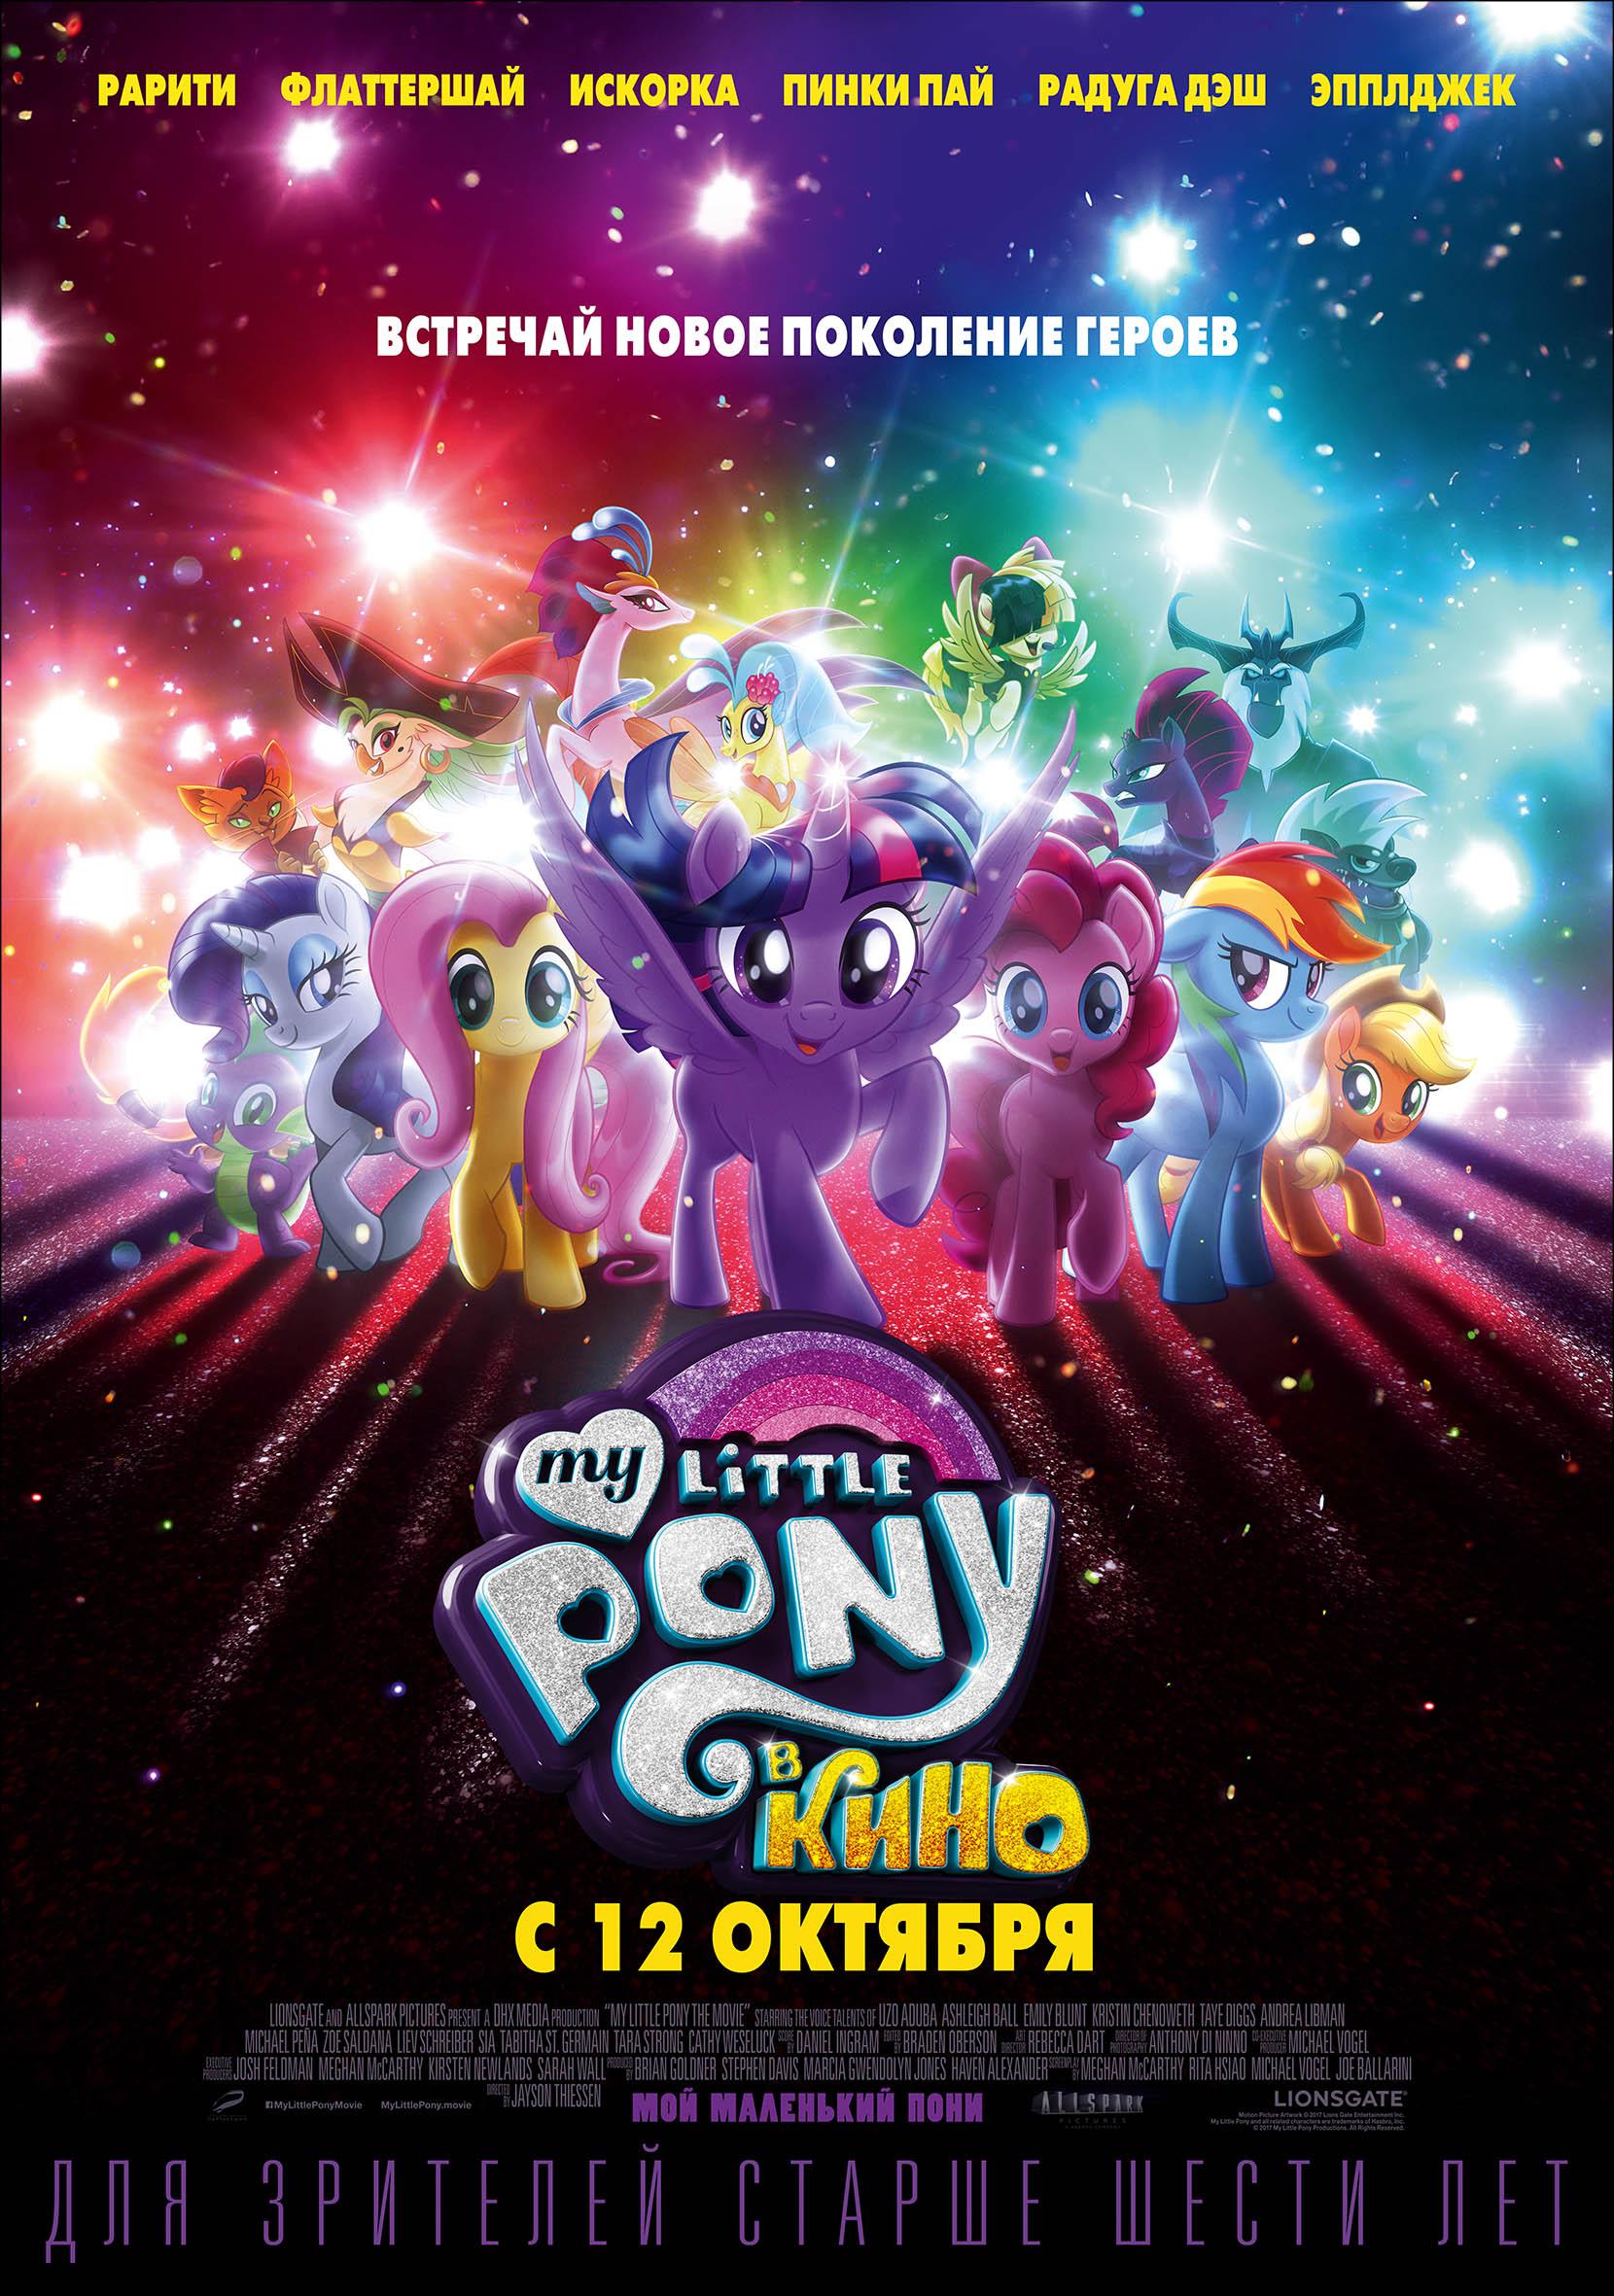 мультфильма«Мой маленький пони»